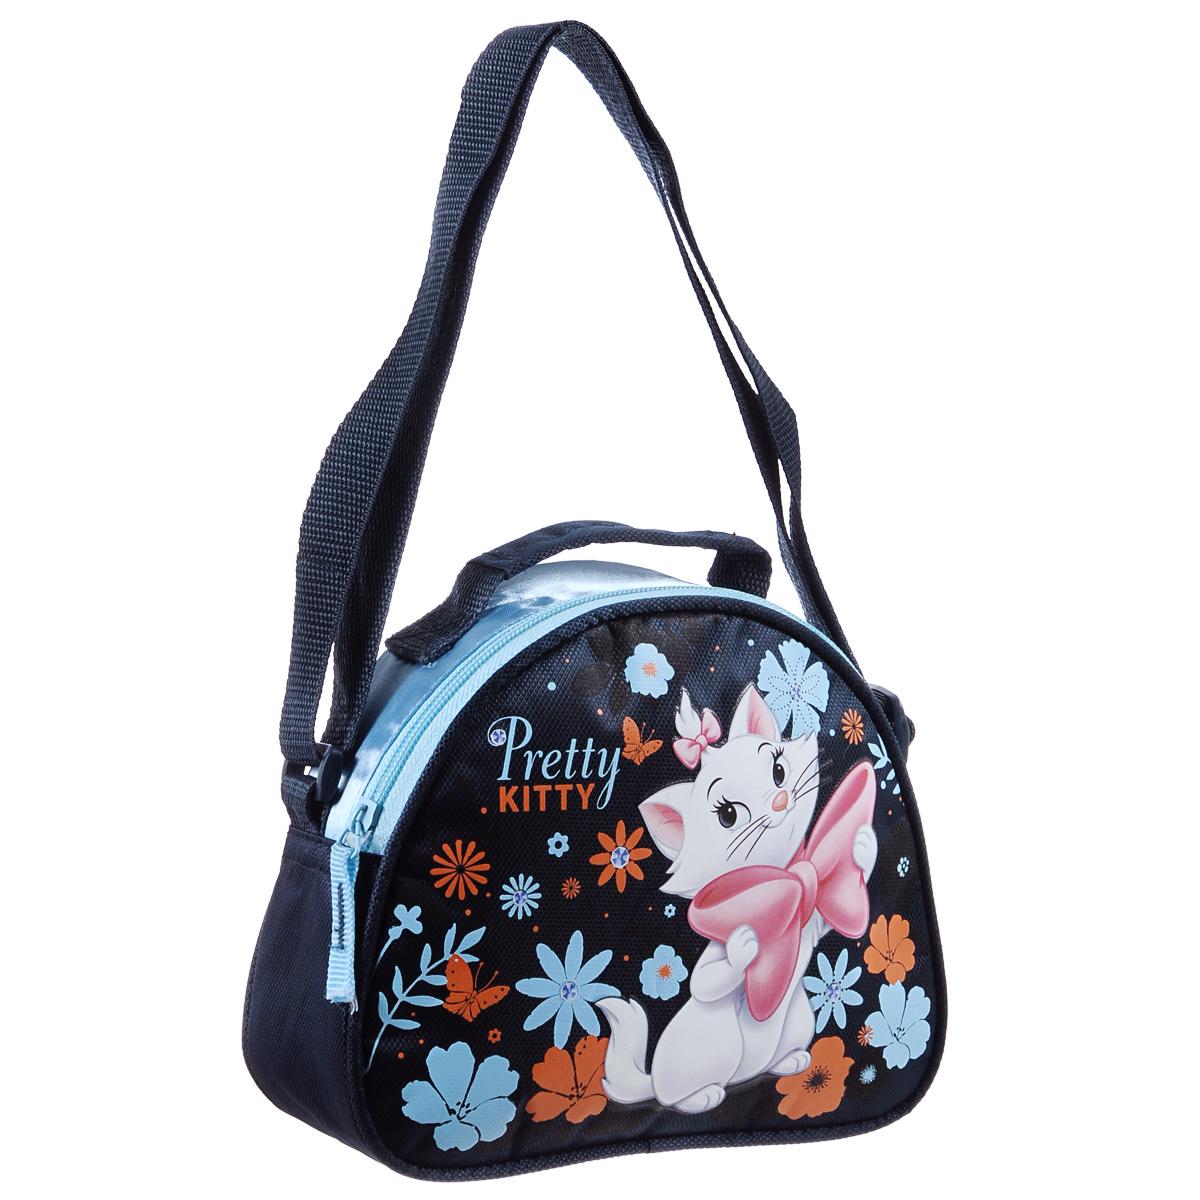 efe87d7e887a Детская сумка для ланча Marie Cat выполнена из прочного полиэстера и  оформлена термоаппликацией с изображением милой белой кошечки.